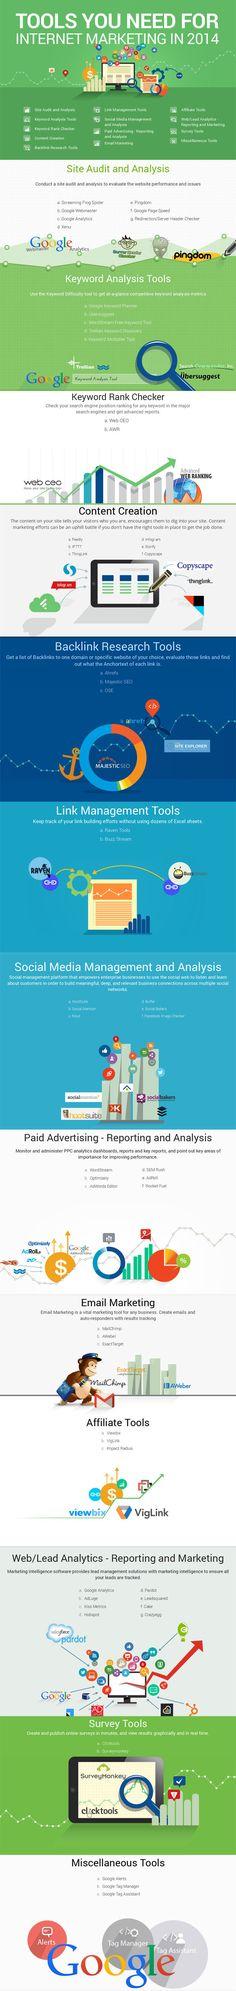 #socialmedia #infographic #marketing #bumblebeesocialmedia  Infographic: Tools You Need For Internet Marketing In 2014